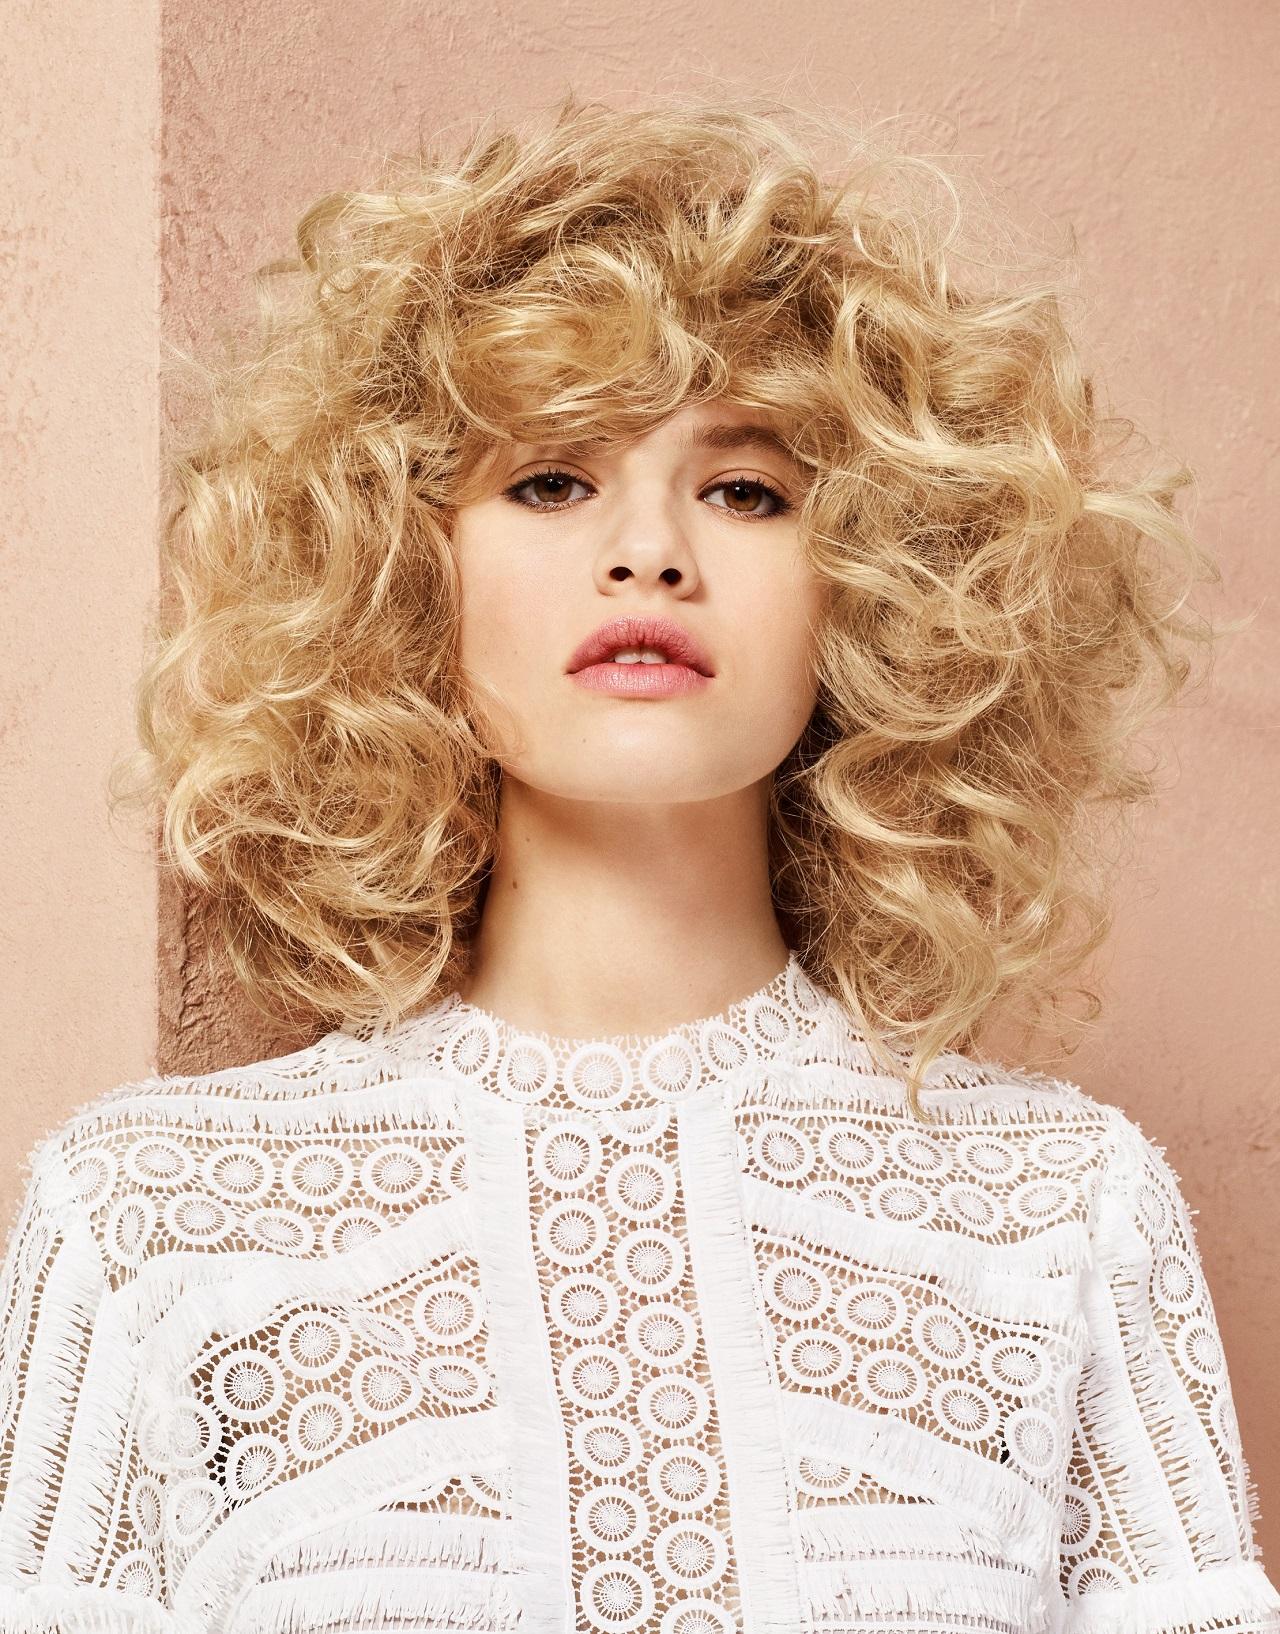 מראות שיער 2017 לוריאל פרופסיונל צילום יחצ חול curl me on